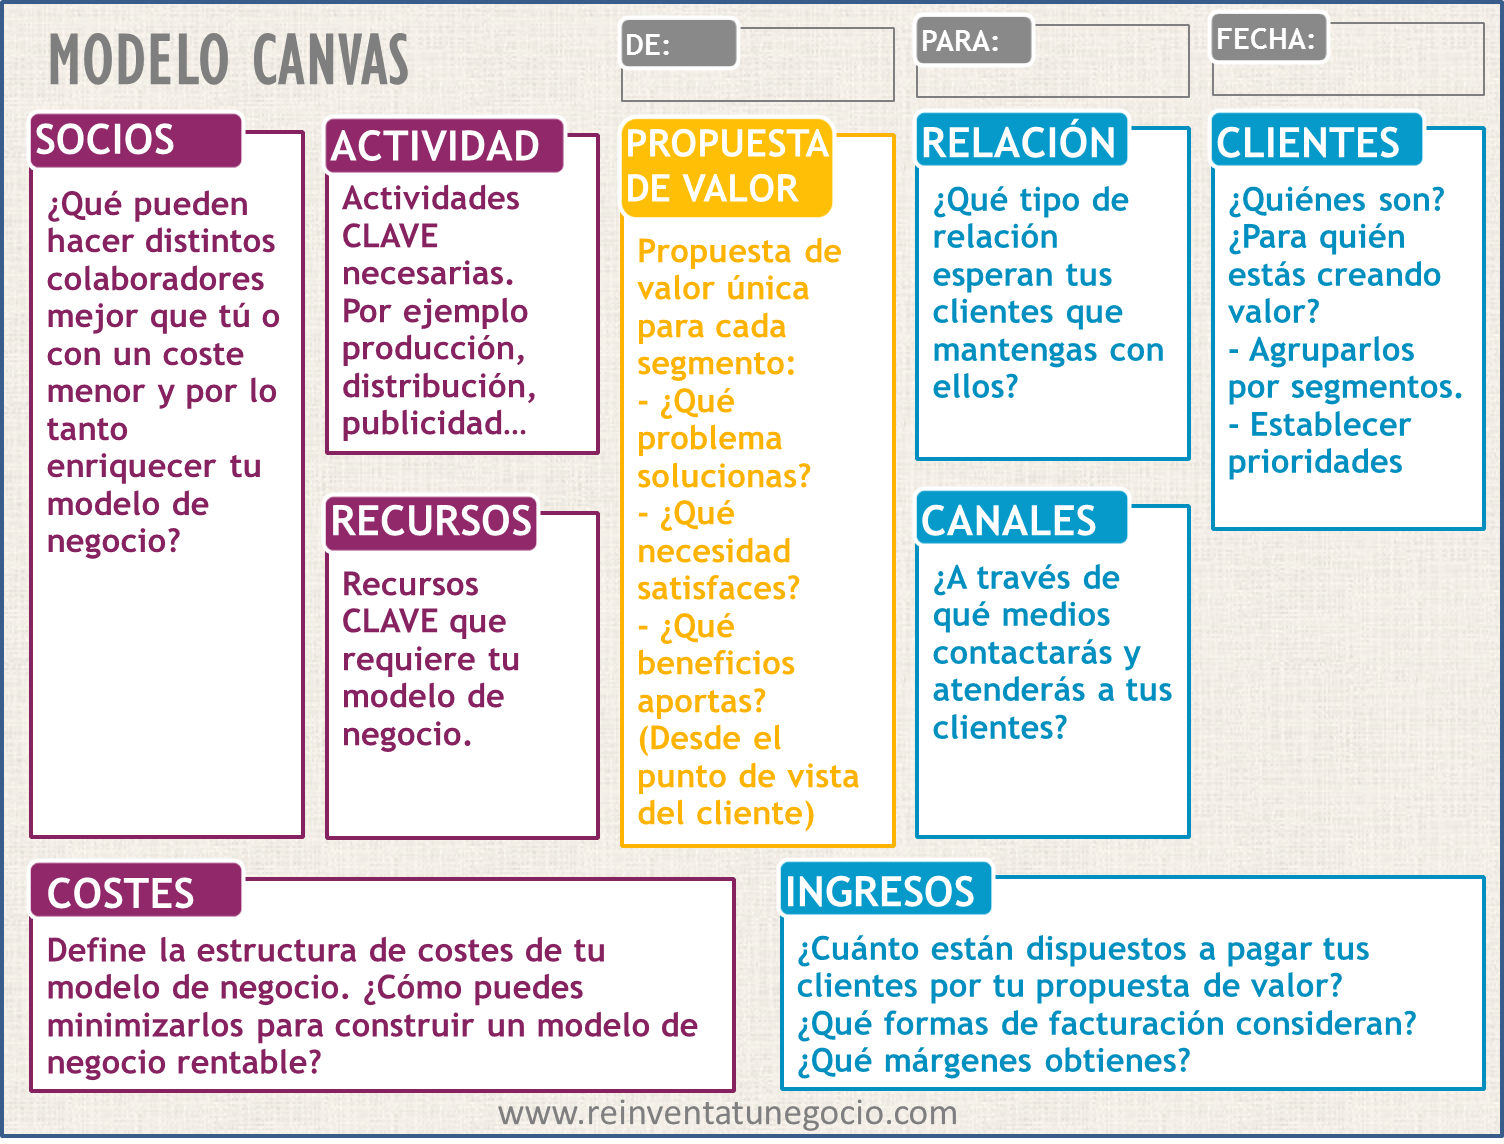 Modelo canvas de negocio ejemplo buscar con google for Plan de negocios ejemplo pdf